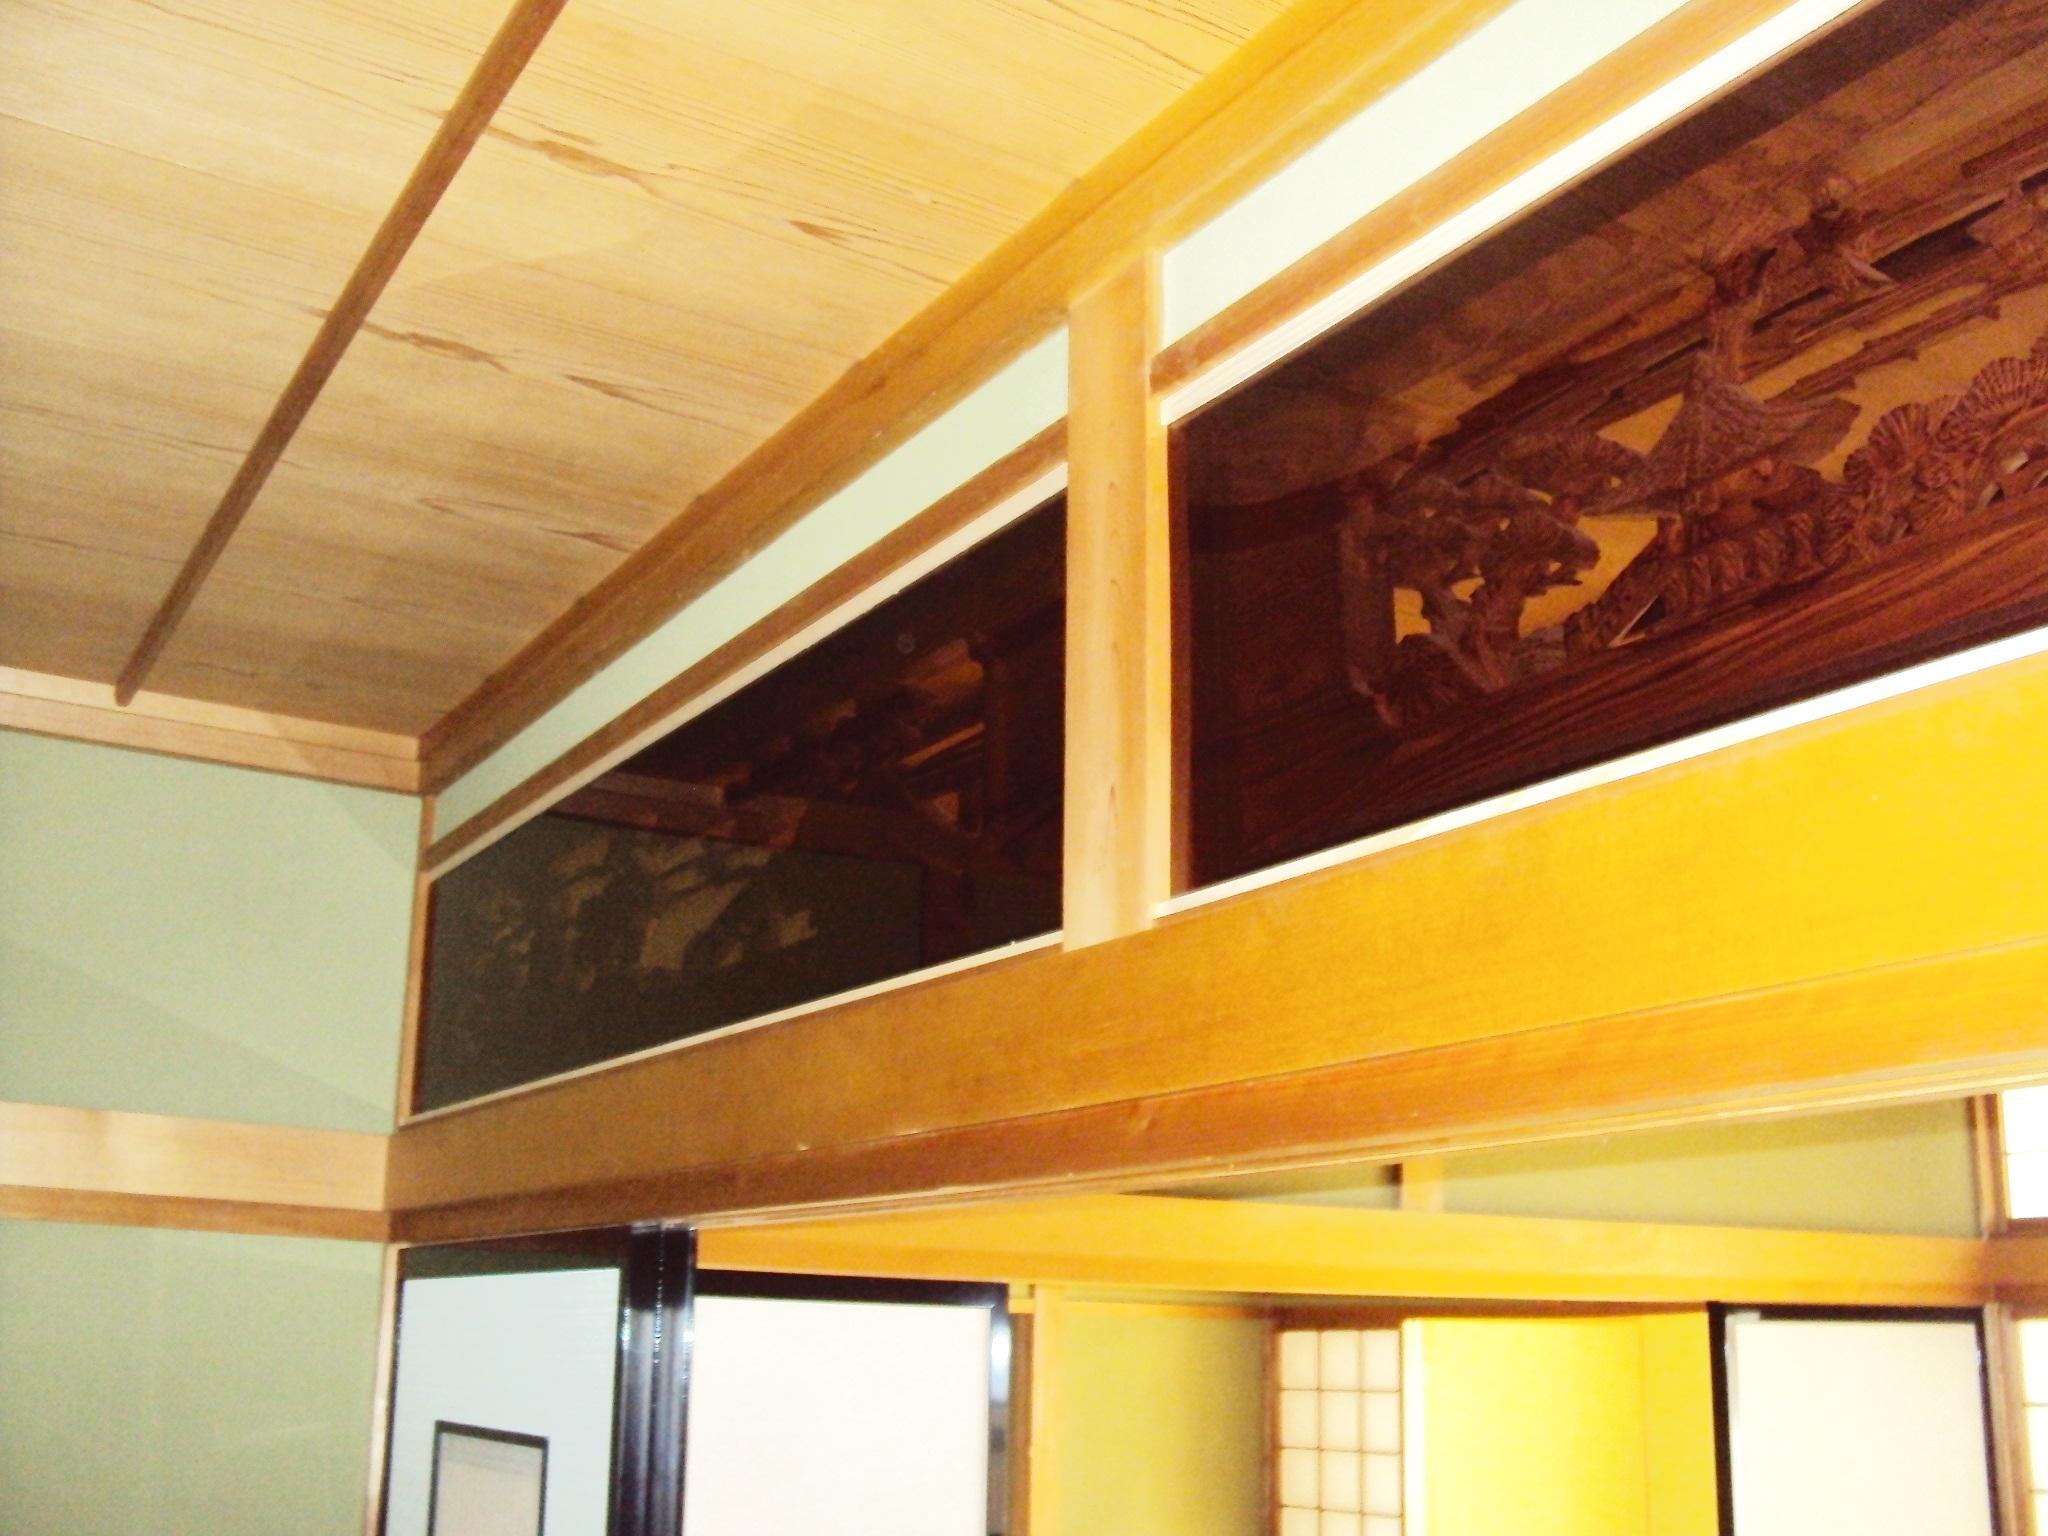 彫刻欄間に隙間がある為、冷暖房の効率が悪くなっていました。透明のアクリル板をはめ込み、エコな空調が可能となりました。